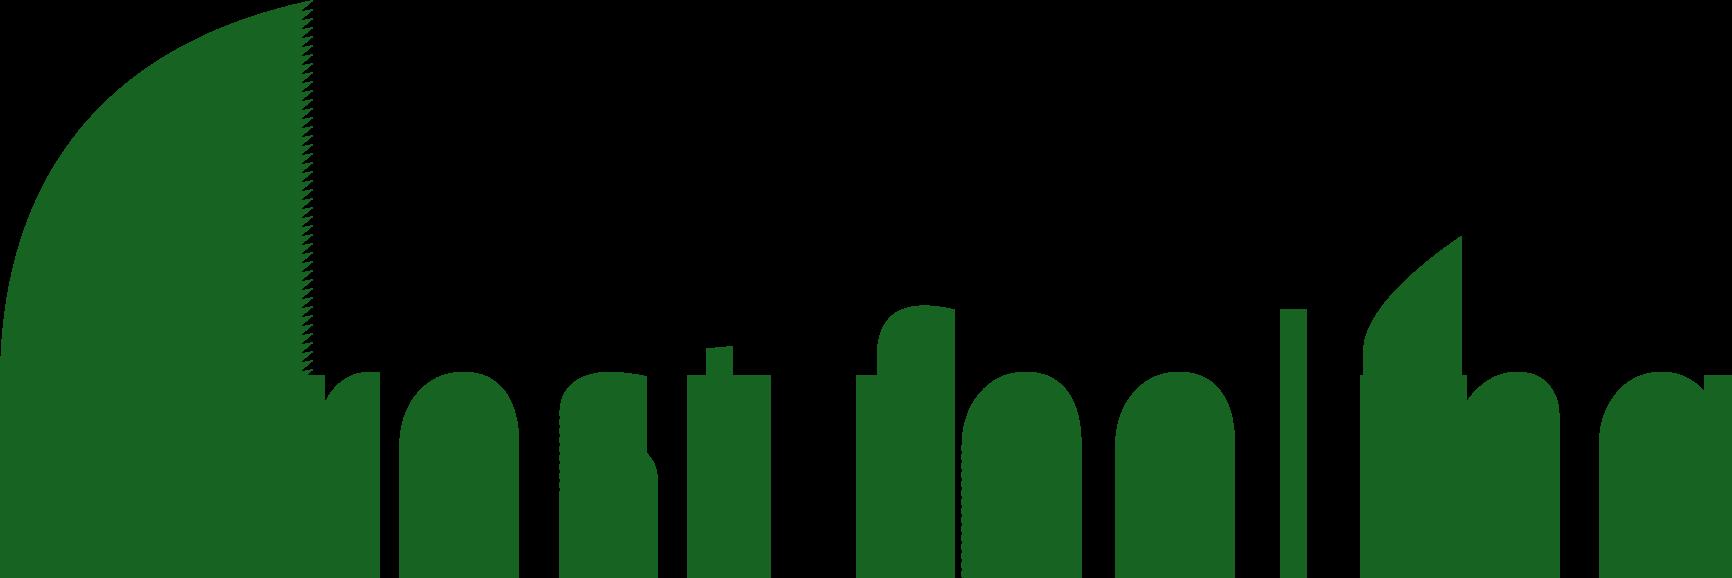 forestfeeling_logo